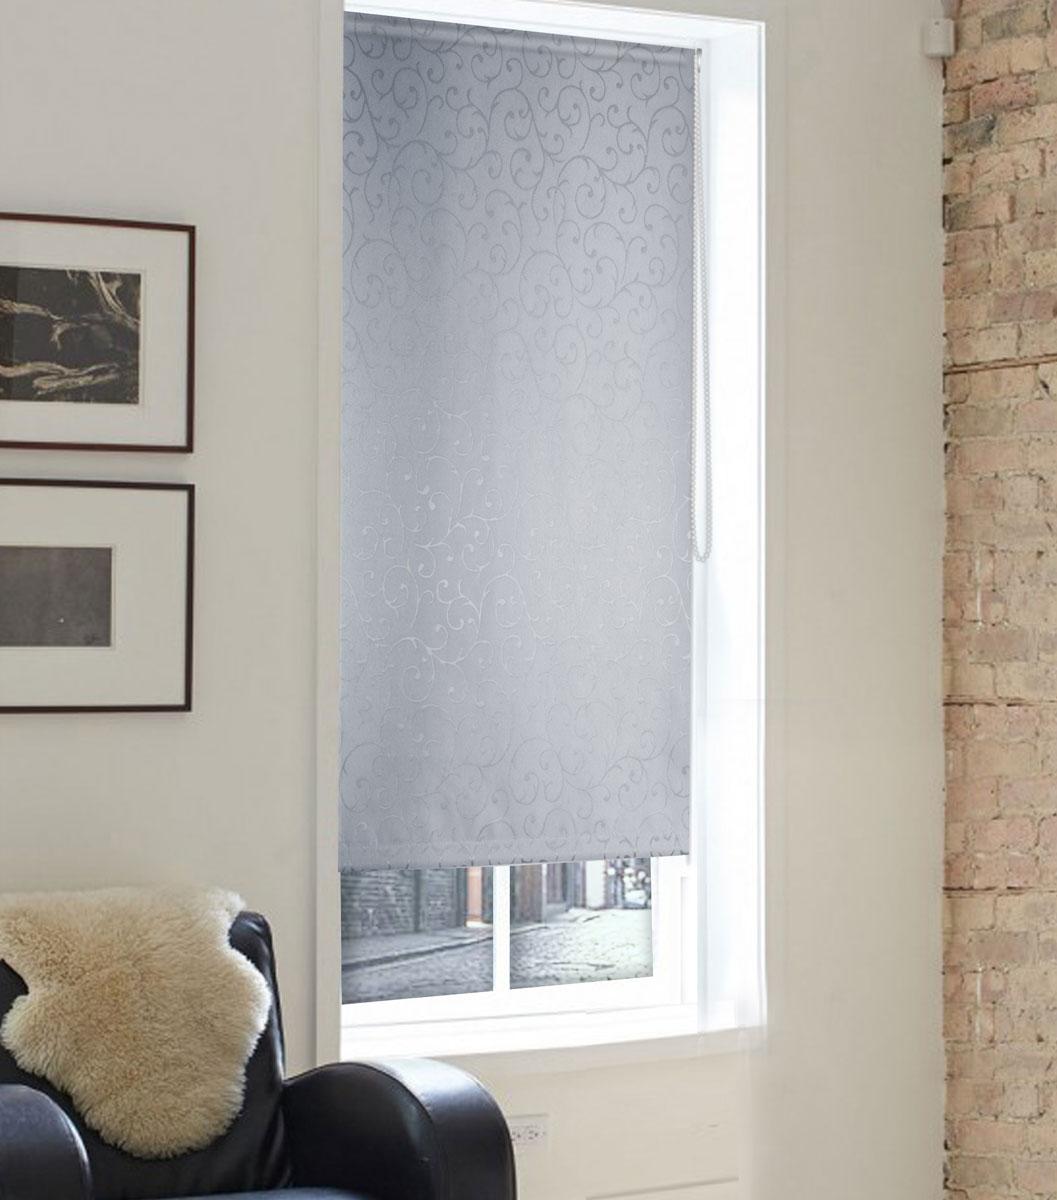 Штора рулонная Эскар Миниролло. Агат, цвет: серый, ширина 83 см, высота 160 смdme313945Рулонная штора Эскар Миниролло. Агат выполнена из высокопрочной ткани,которая сохраняет свой размер даже при намокании. Ткань не выцветает иобладает отличной цветоустойчивостью.Миниролло - это подвид рулонных штор, который закрывает не весь оконныйпроем, а непосредственно само стекло. Такие шторы крепятся на раму безсверления при помощи зажимов или клейкой двухсторонней ленты. Окно остаетсяна гарантии, благодаря монтажу без сверления.Такая штора станет прекрасным элементом декора окна и гармонично впишется винтерьер любого помещения.